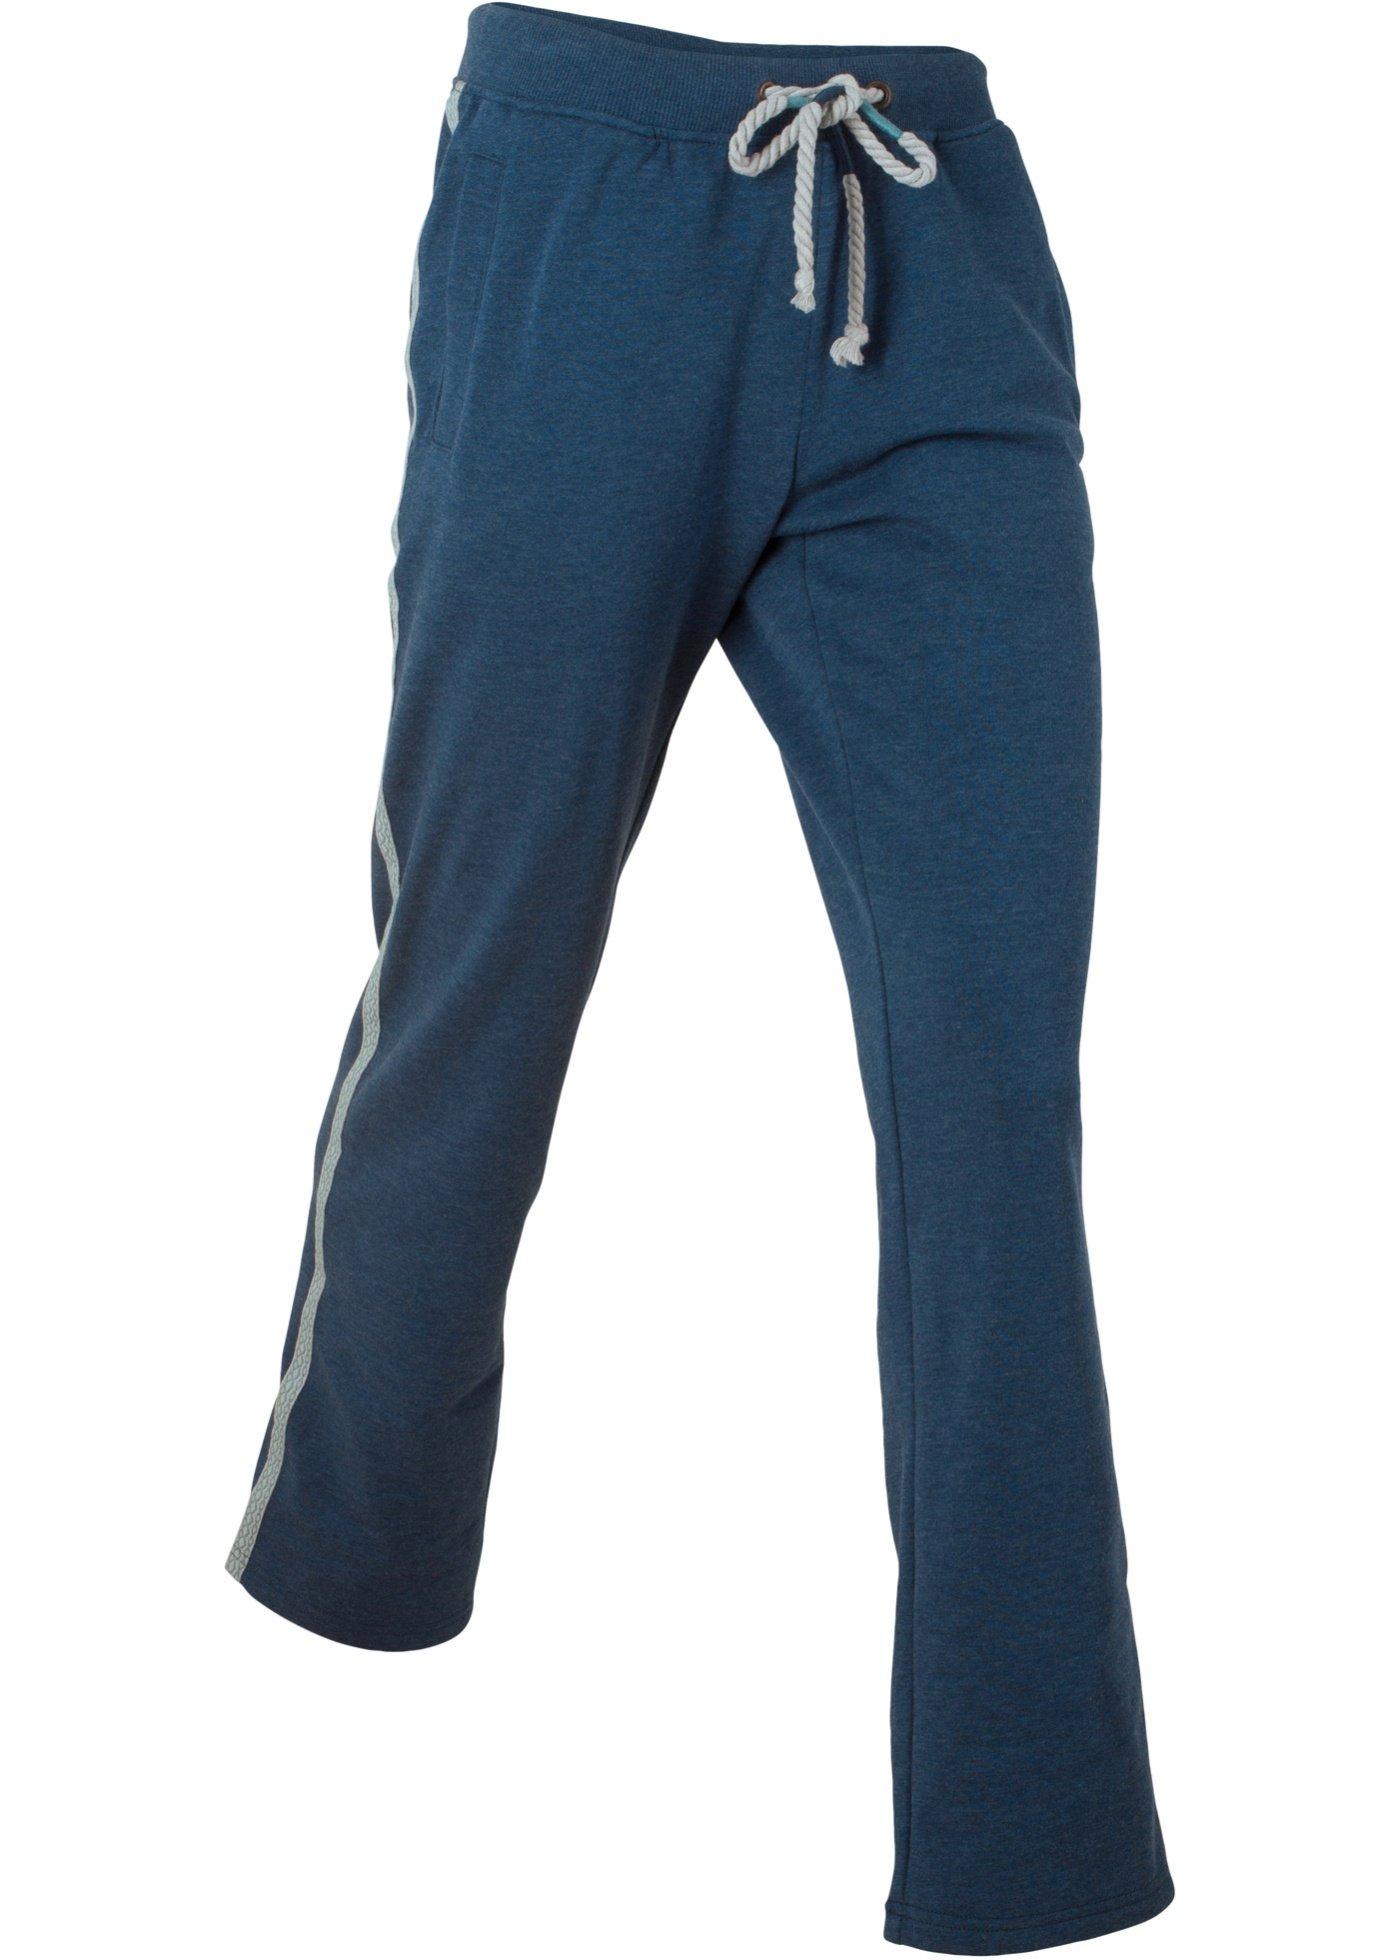 Спортивные брюки с вышивкой для женщин, цвет синий